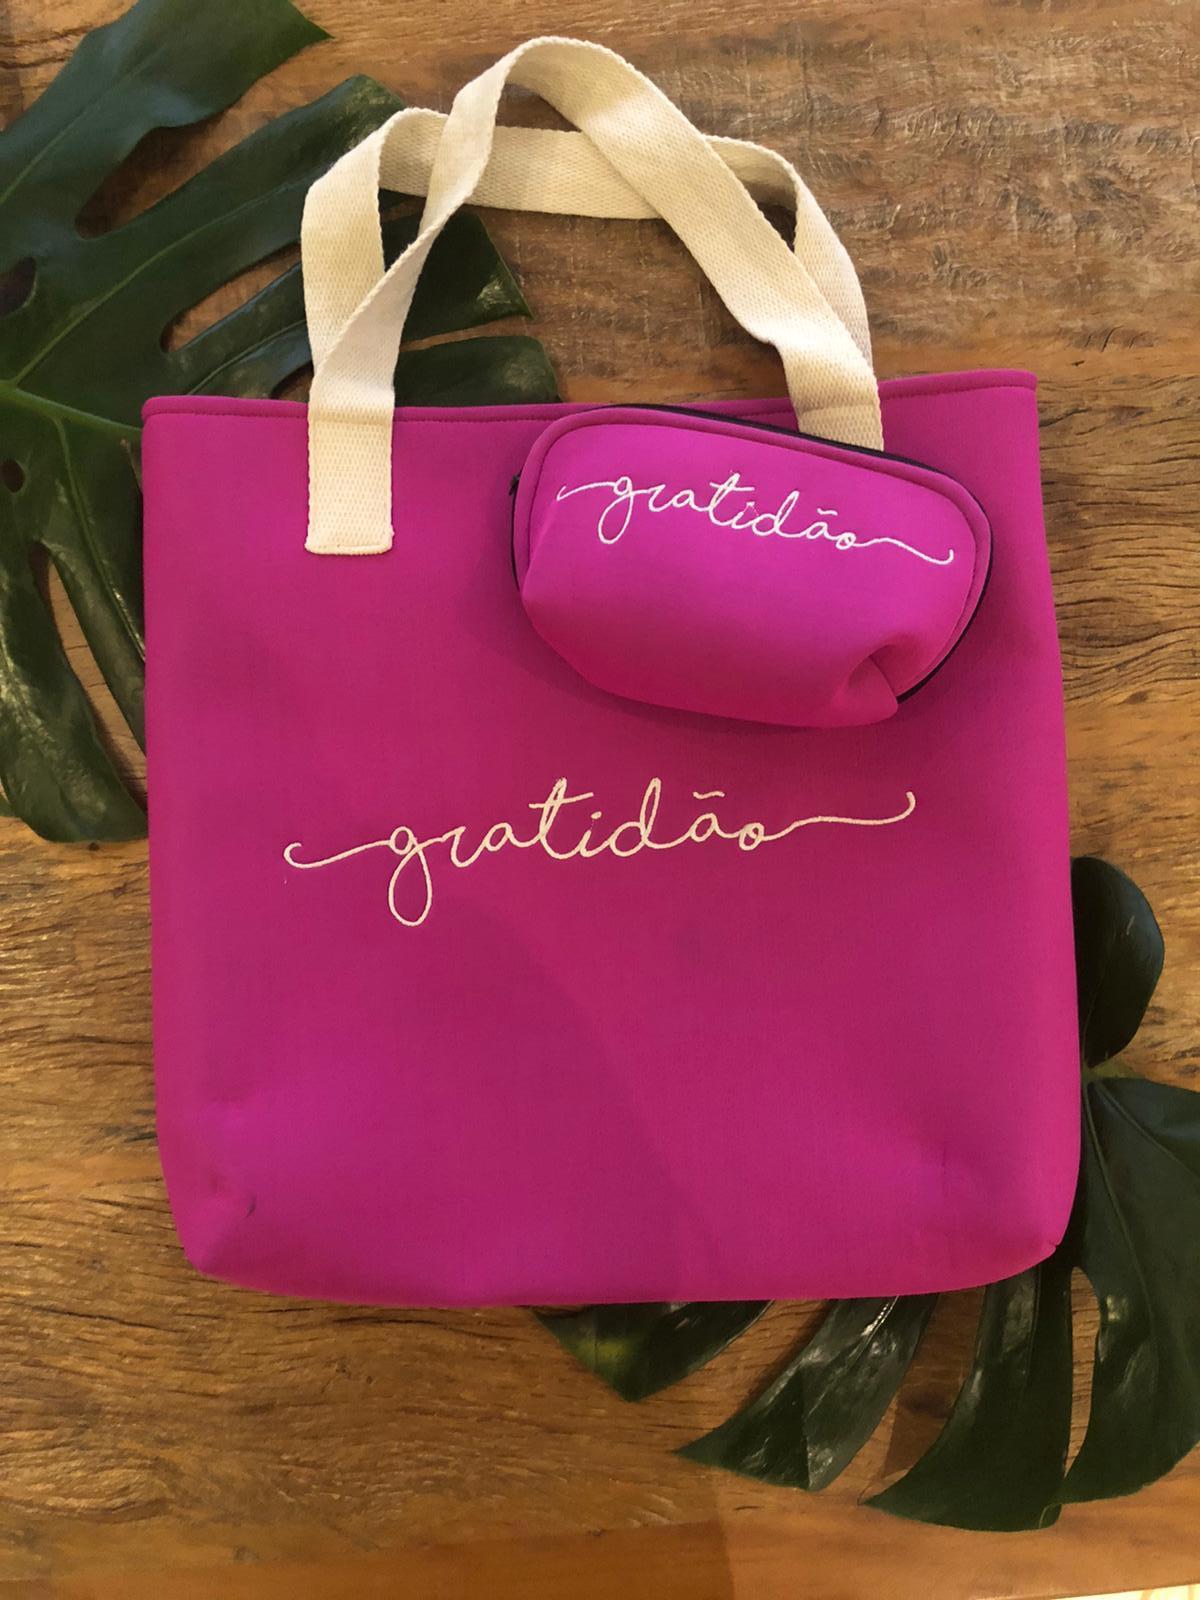 Bolsa de praia pink gratidão com necessarie gratidão